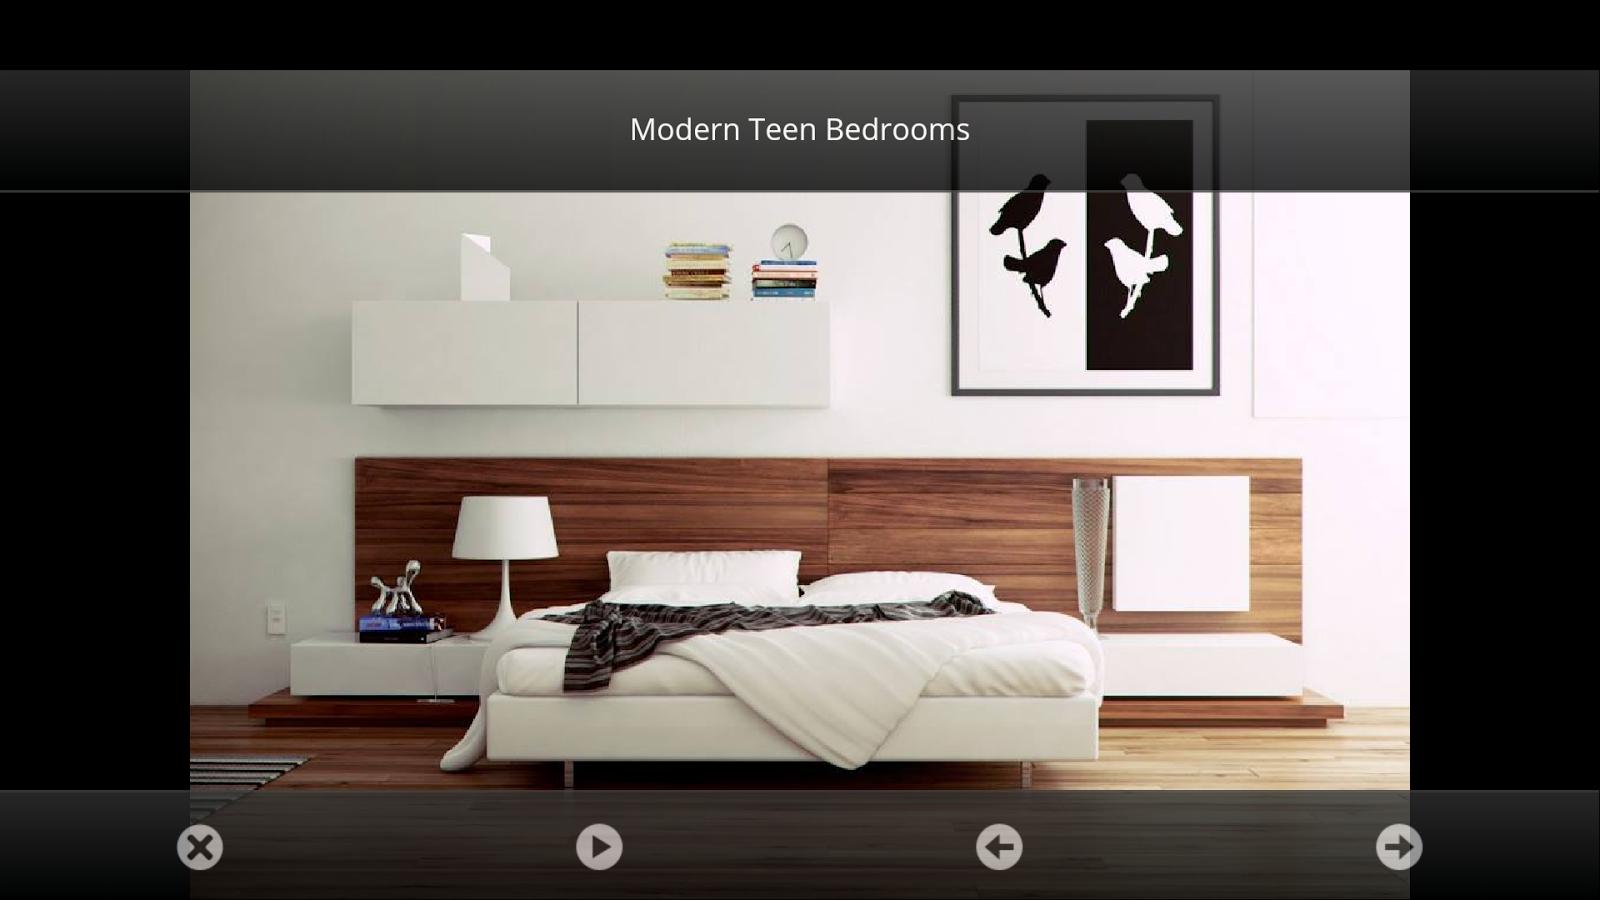 Klein Slaapkamer Idees : die beste bed kamer versier idees jy kan ...